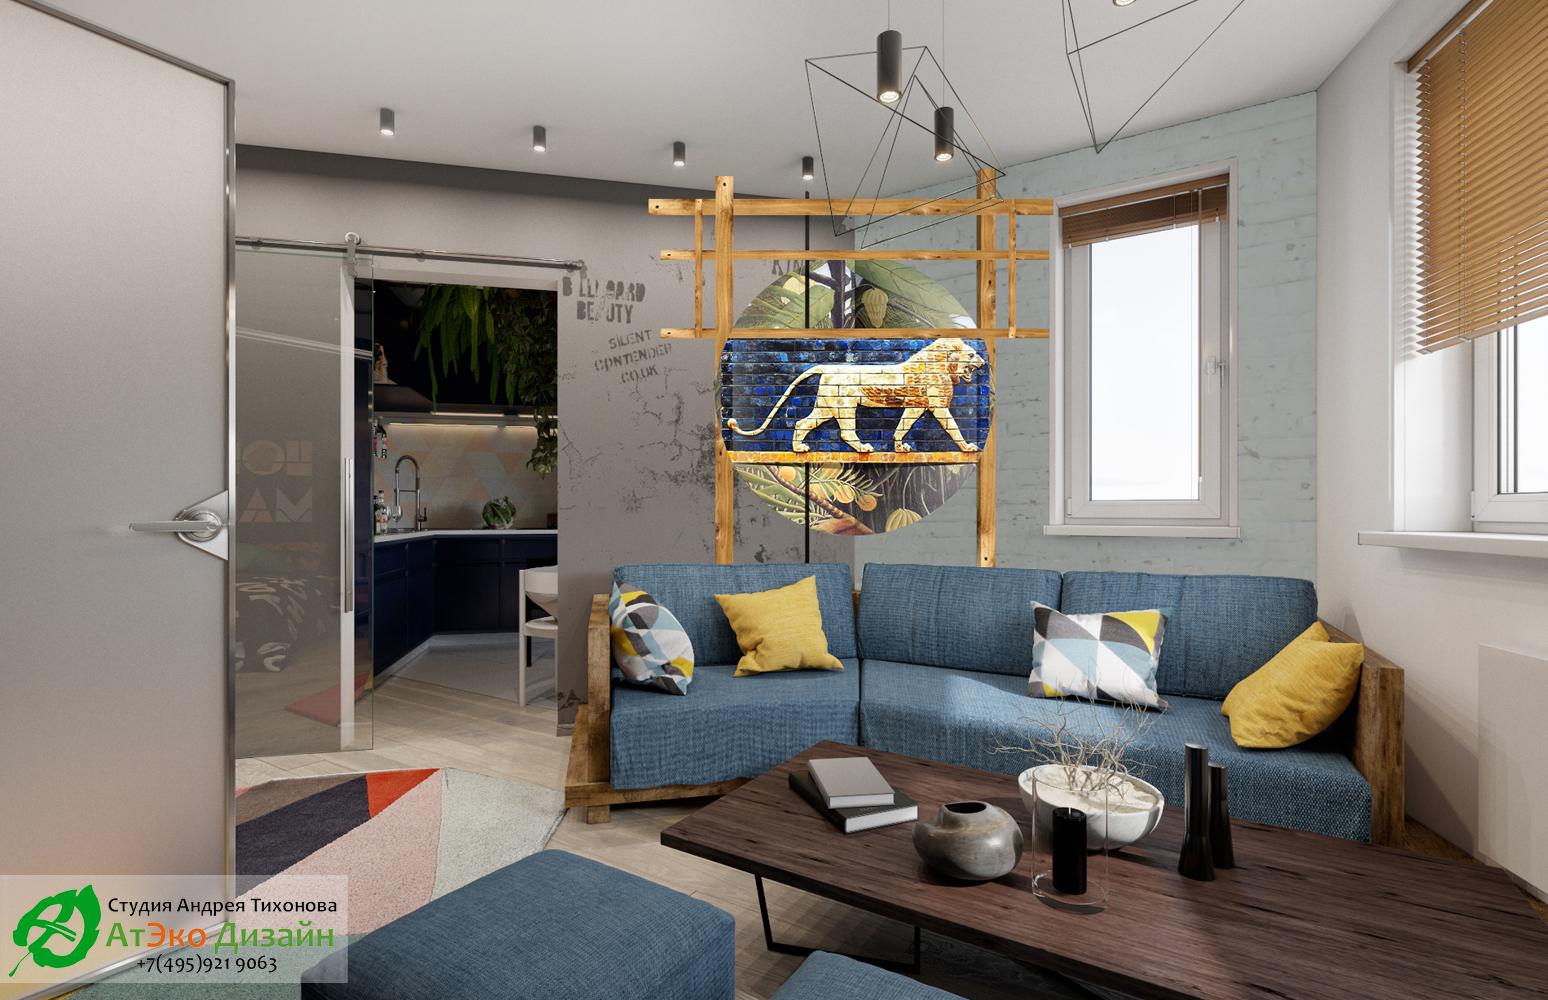 Фото дизайн проекта гостиной Эклектика